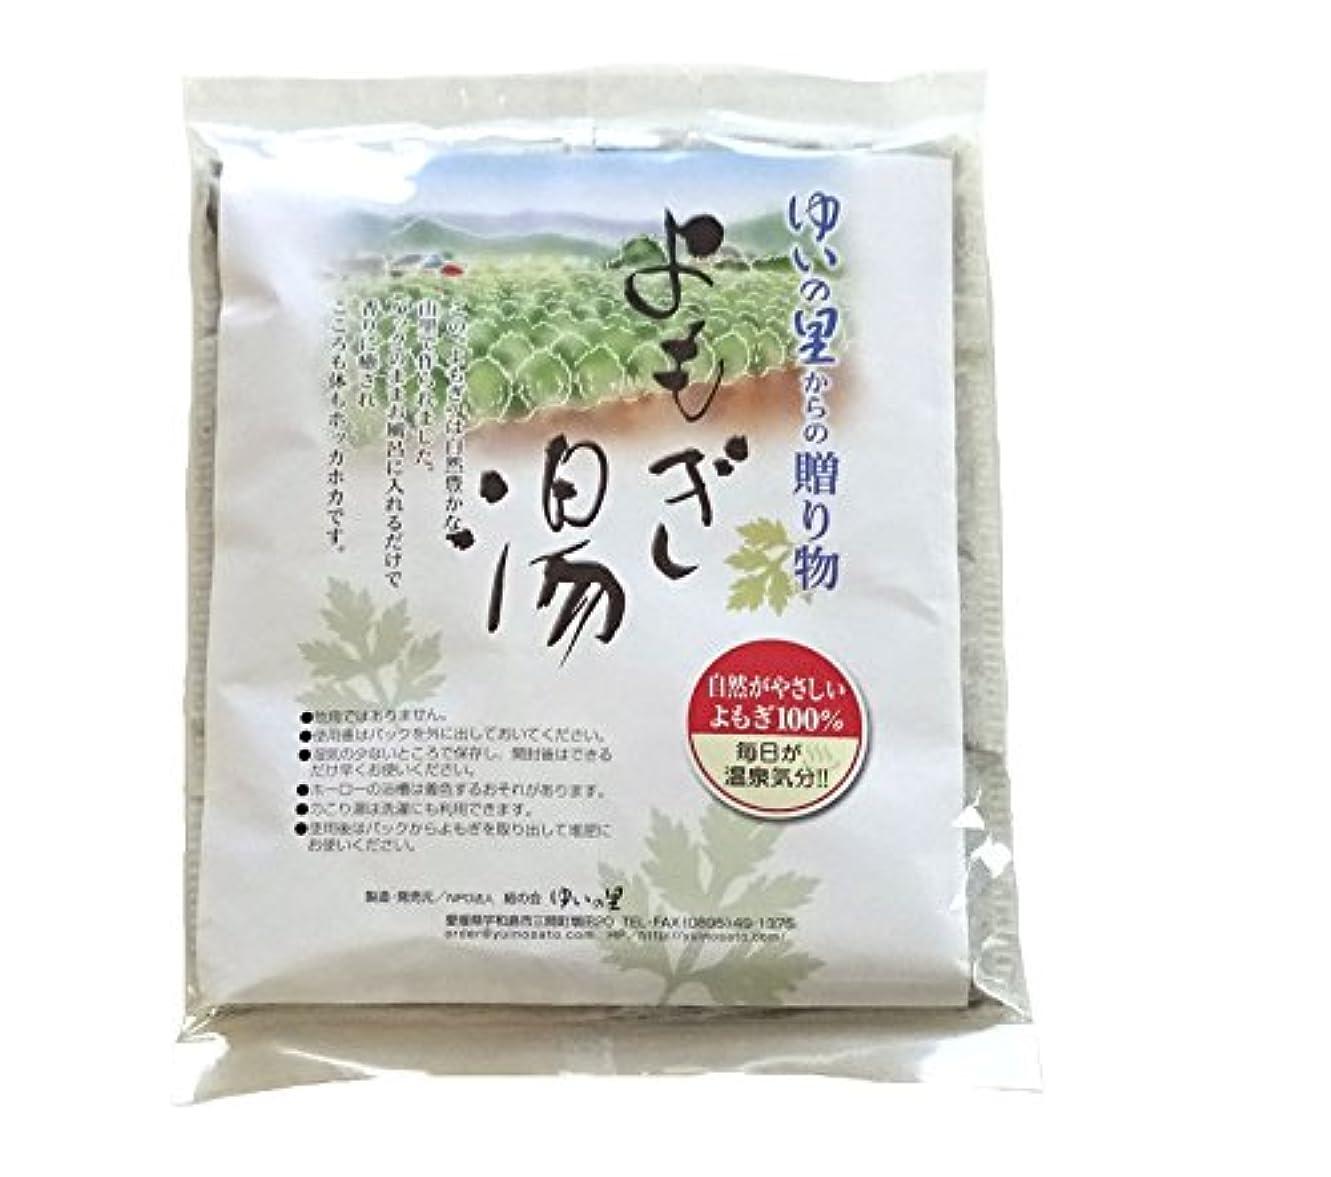 マーティフィールディング養う体現するよもぎ湯入浴パック (10パック入) 愛媛県産 自家栽培よもぎ100%使用